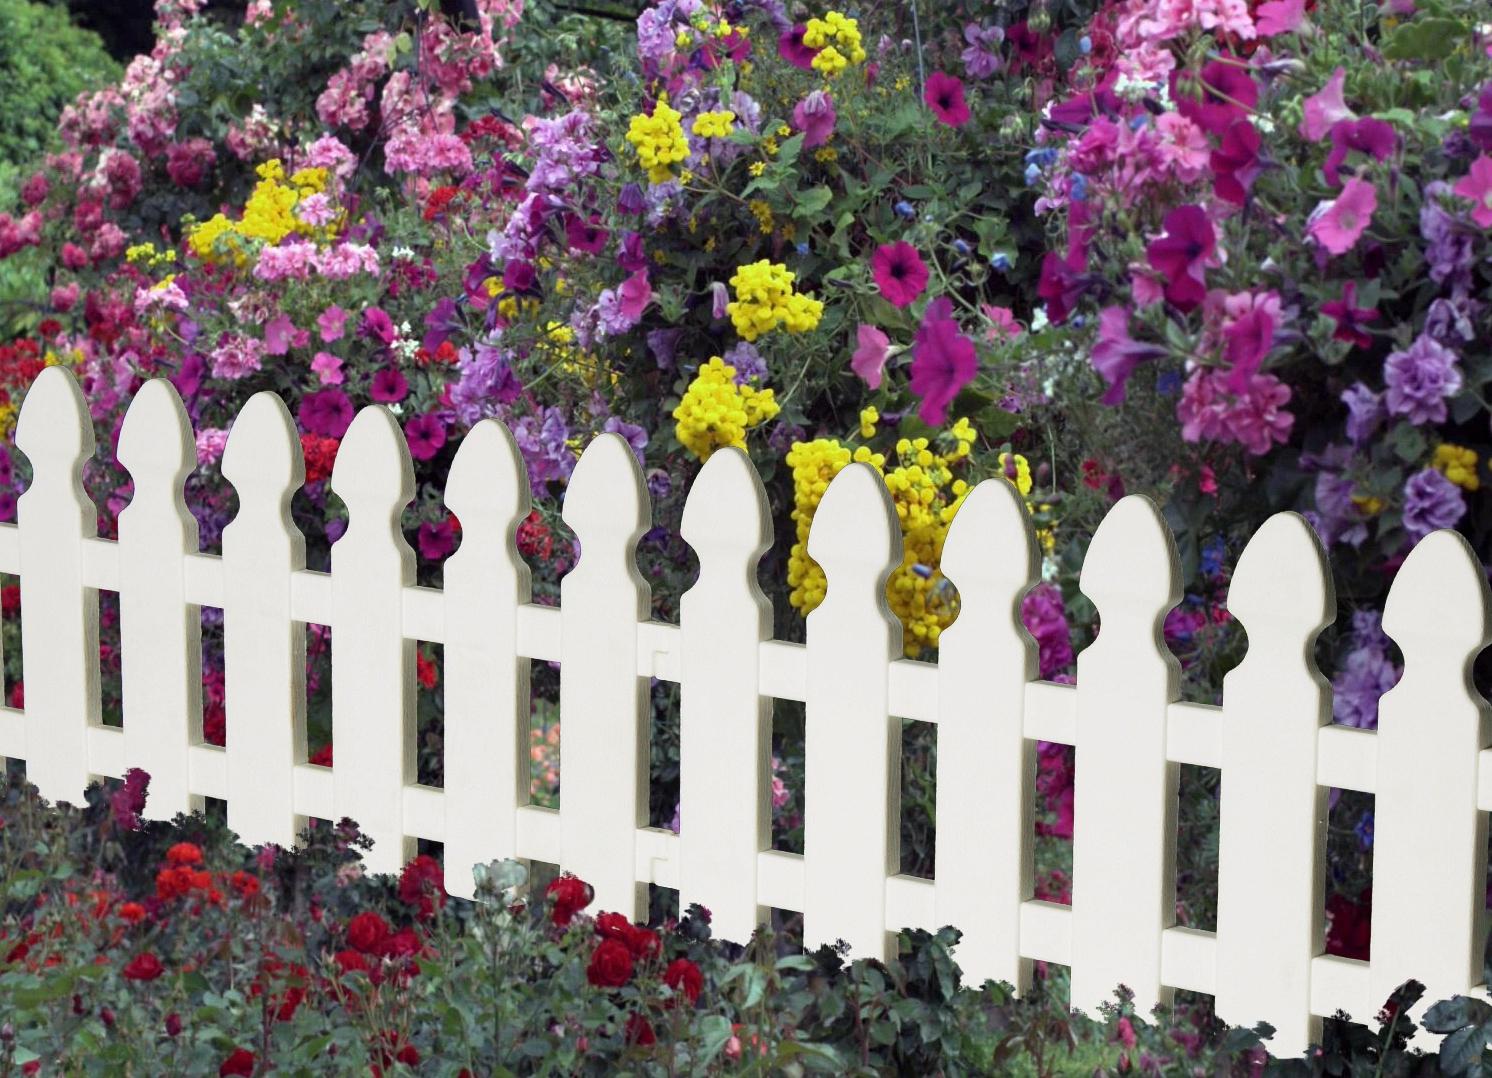 Как украсить забор из профнастила с внутренней стороны: оформление цветами, декор деревянного забора  - 26 фото